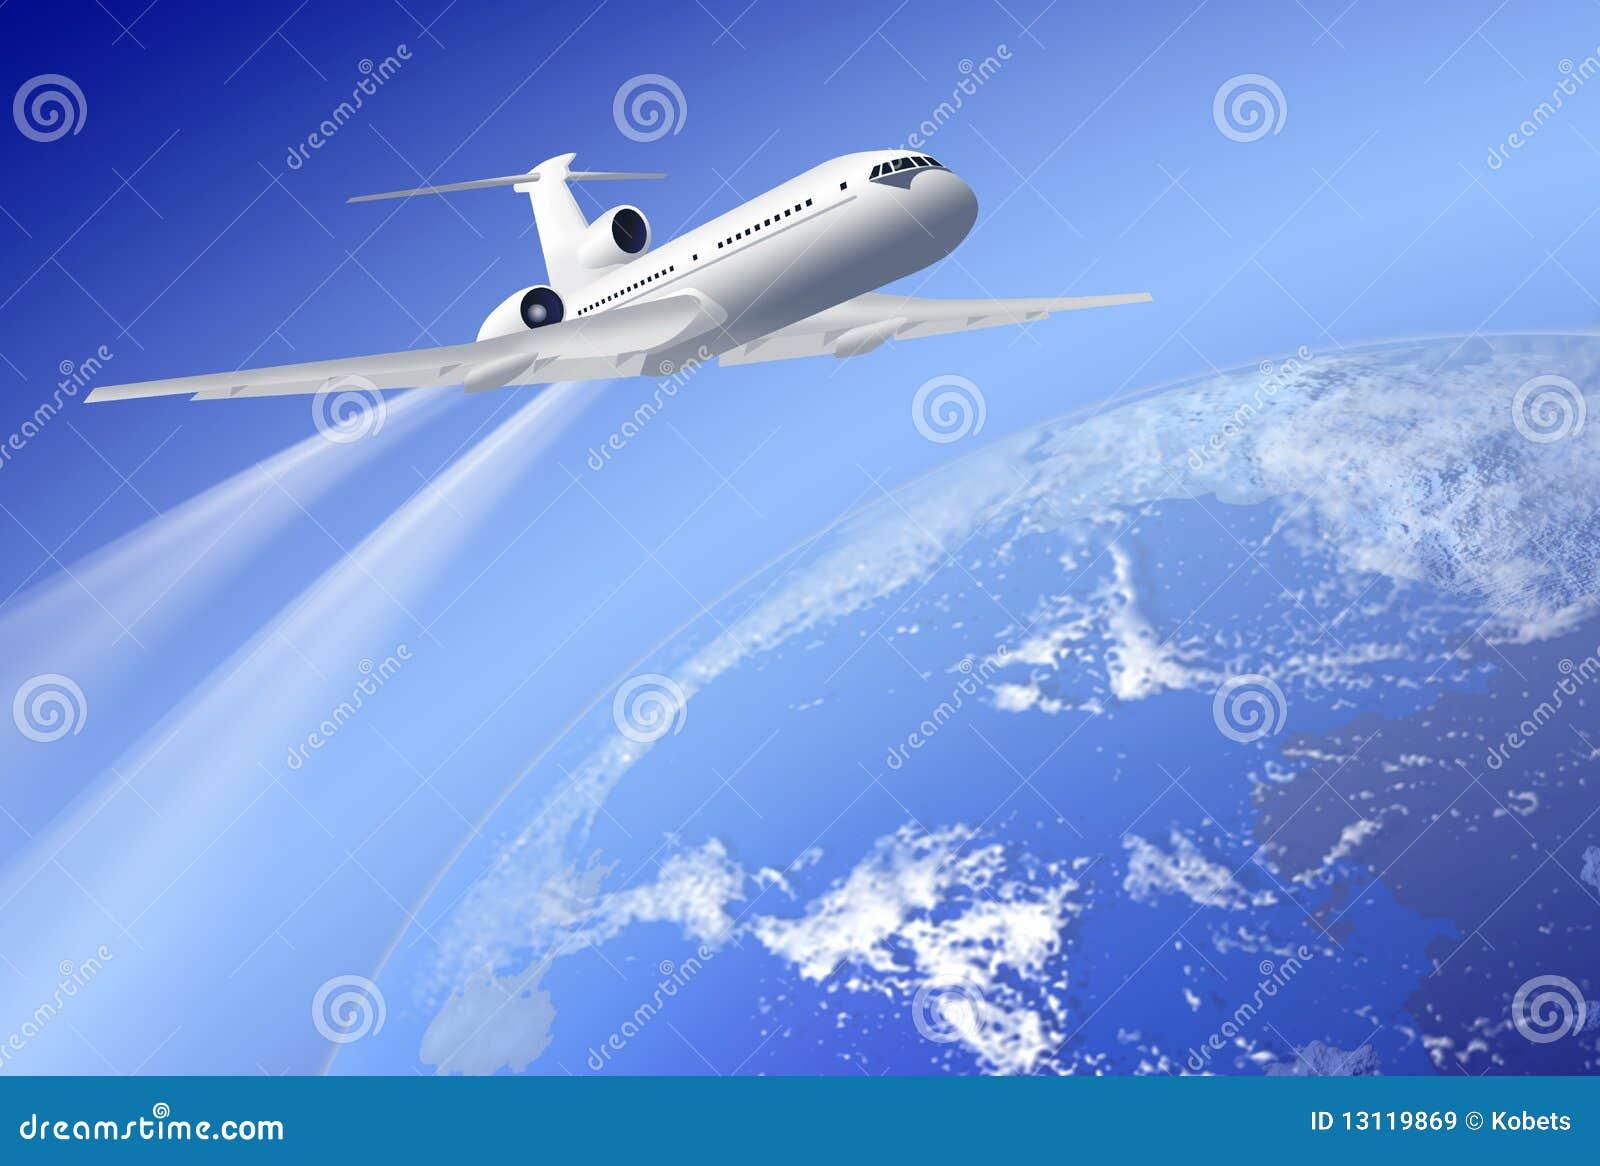 Avion au-dessus de la terre sur le fond bleu